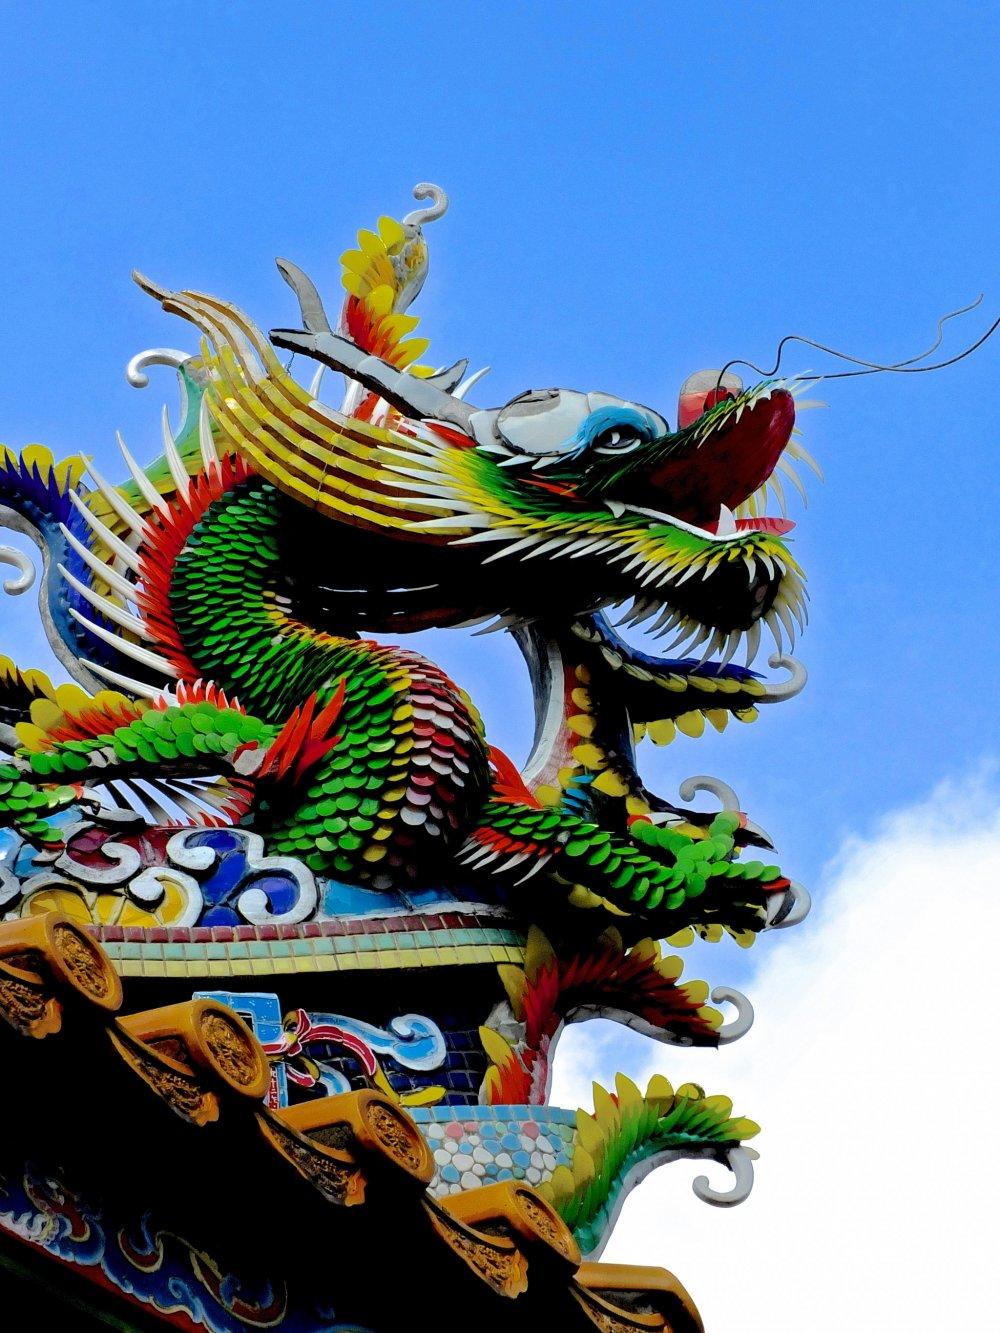 Os dragões trazem sorte e proteção na mitologia religiosa chinesa